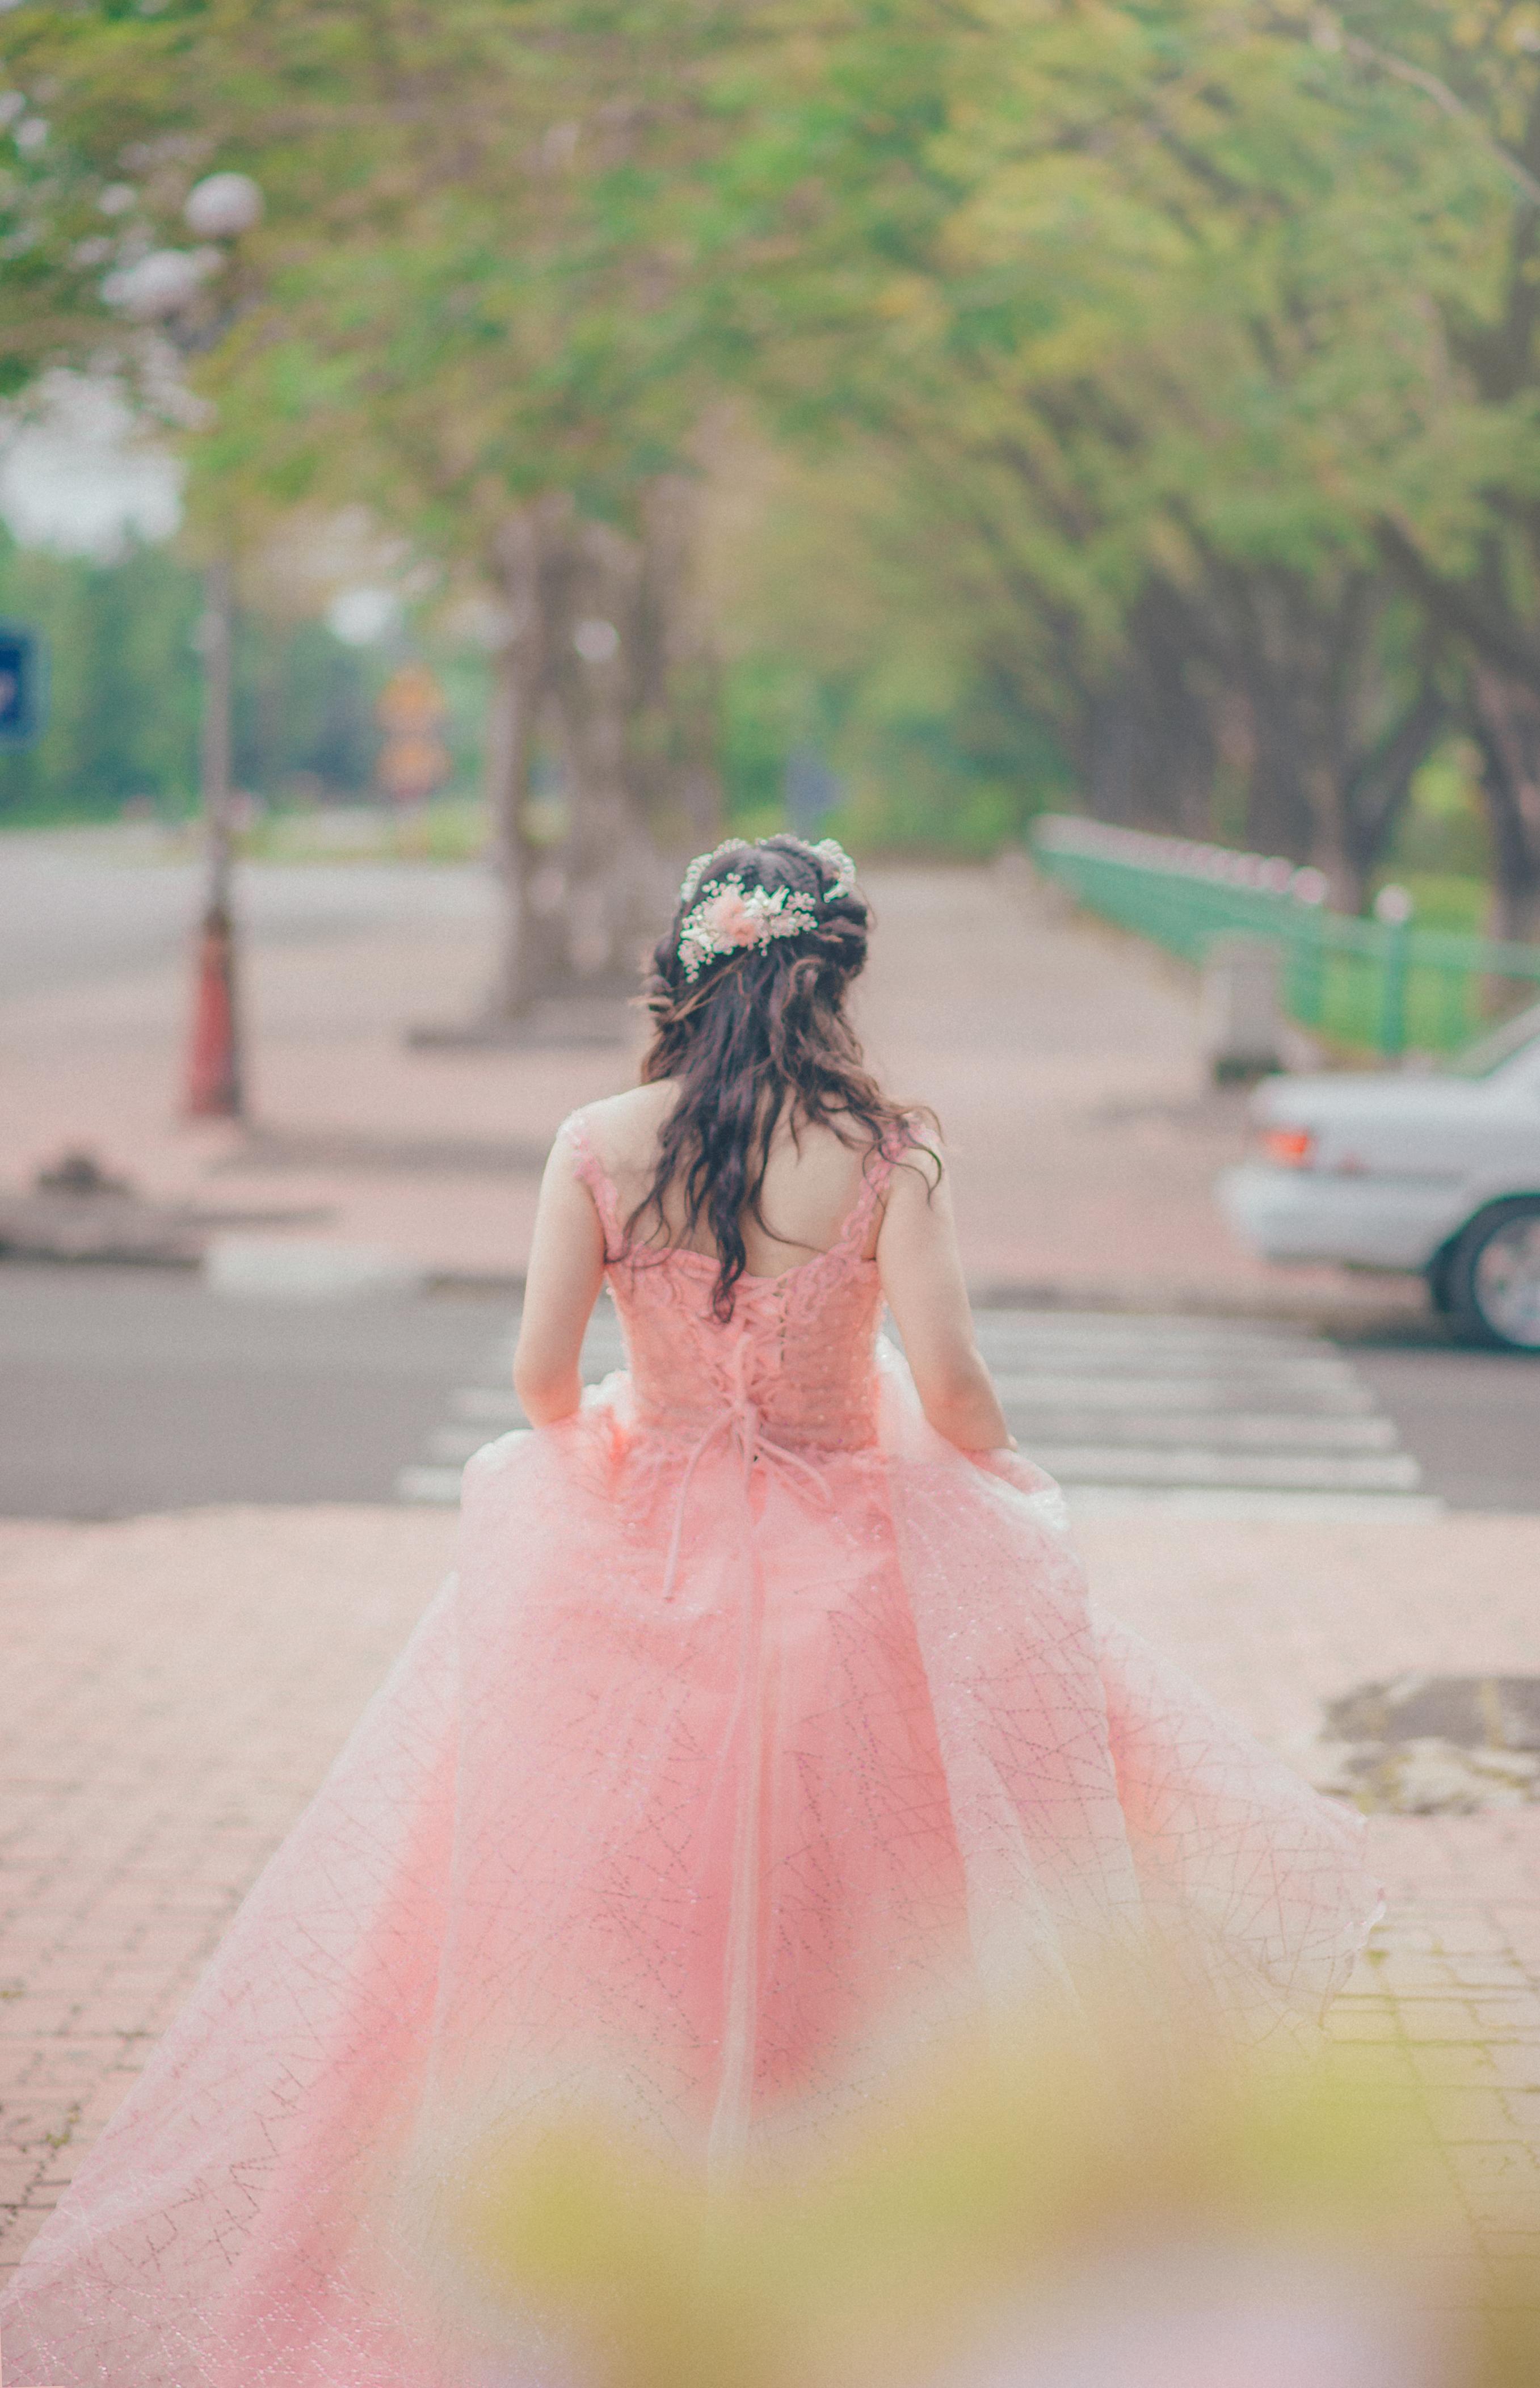 Fotos gratis : amor, linda, retrato, viajar, contento, encantador ...